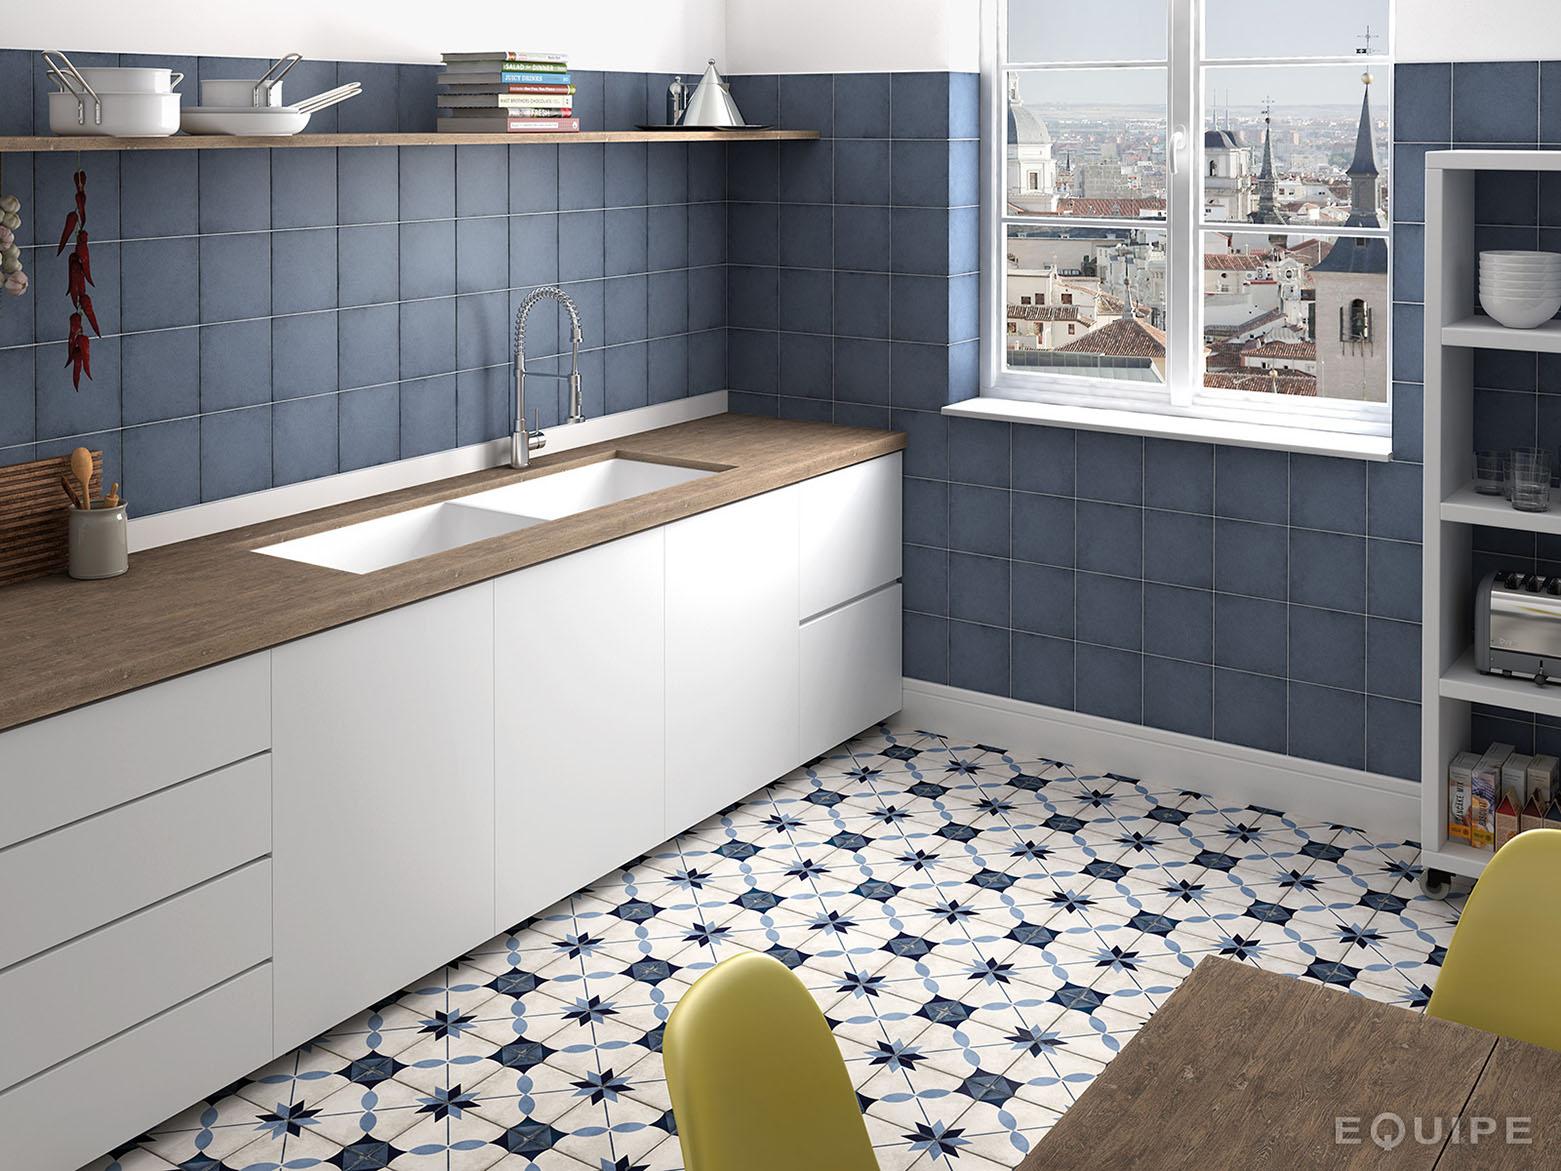 Kuchnia z niebieskimi kafelkami na ścianie, płytkami patchworkowymi Art Nouveau Arcade Blue, białymi meblami z drewnianymi blatami, wiszącą półką z naczyniami, białą szafką, stołem z kolorowymi krzesłami i oknem